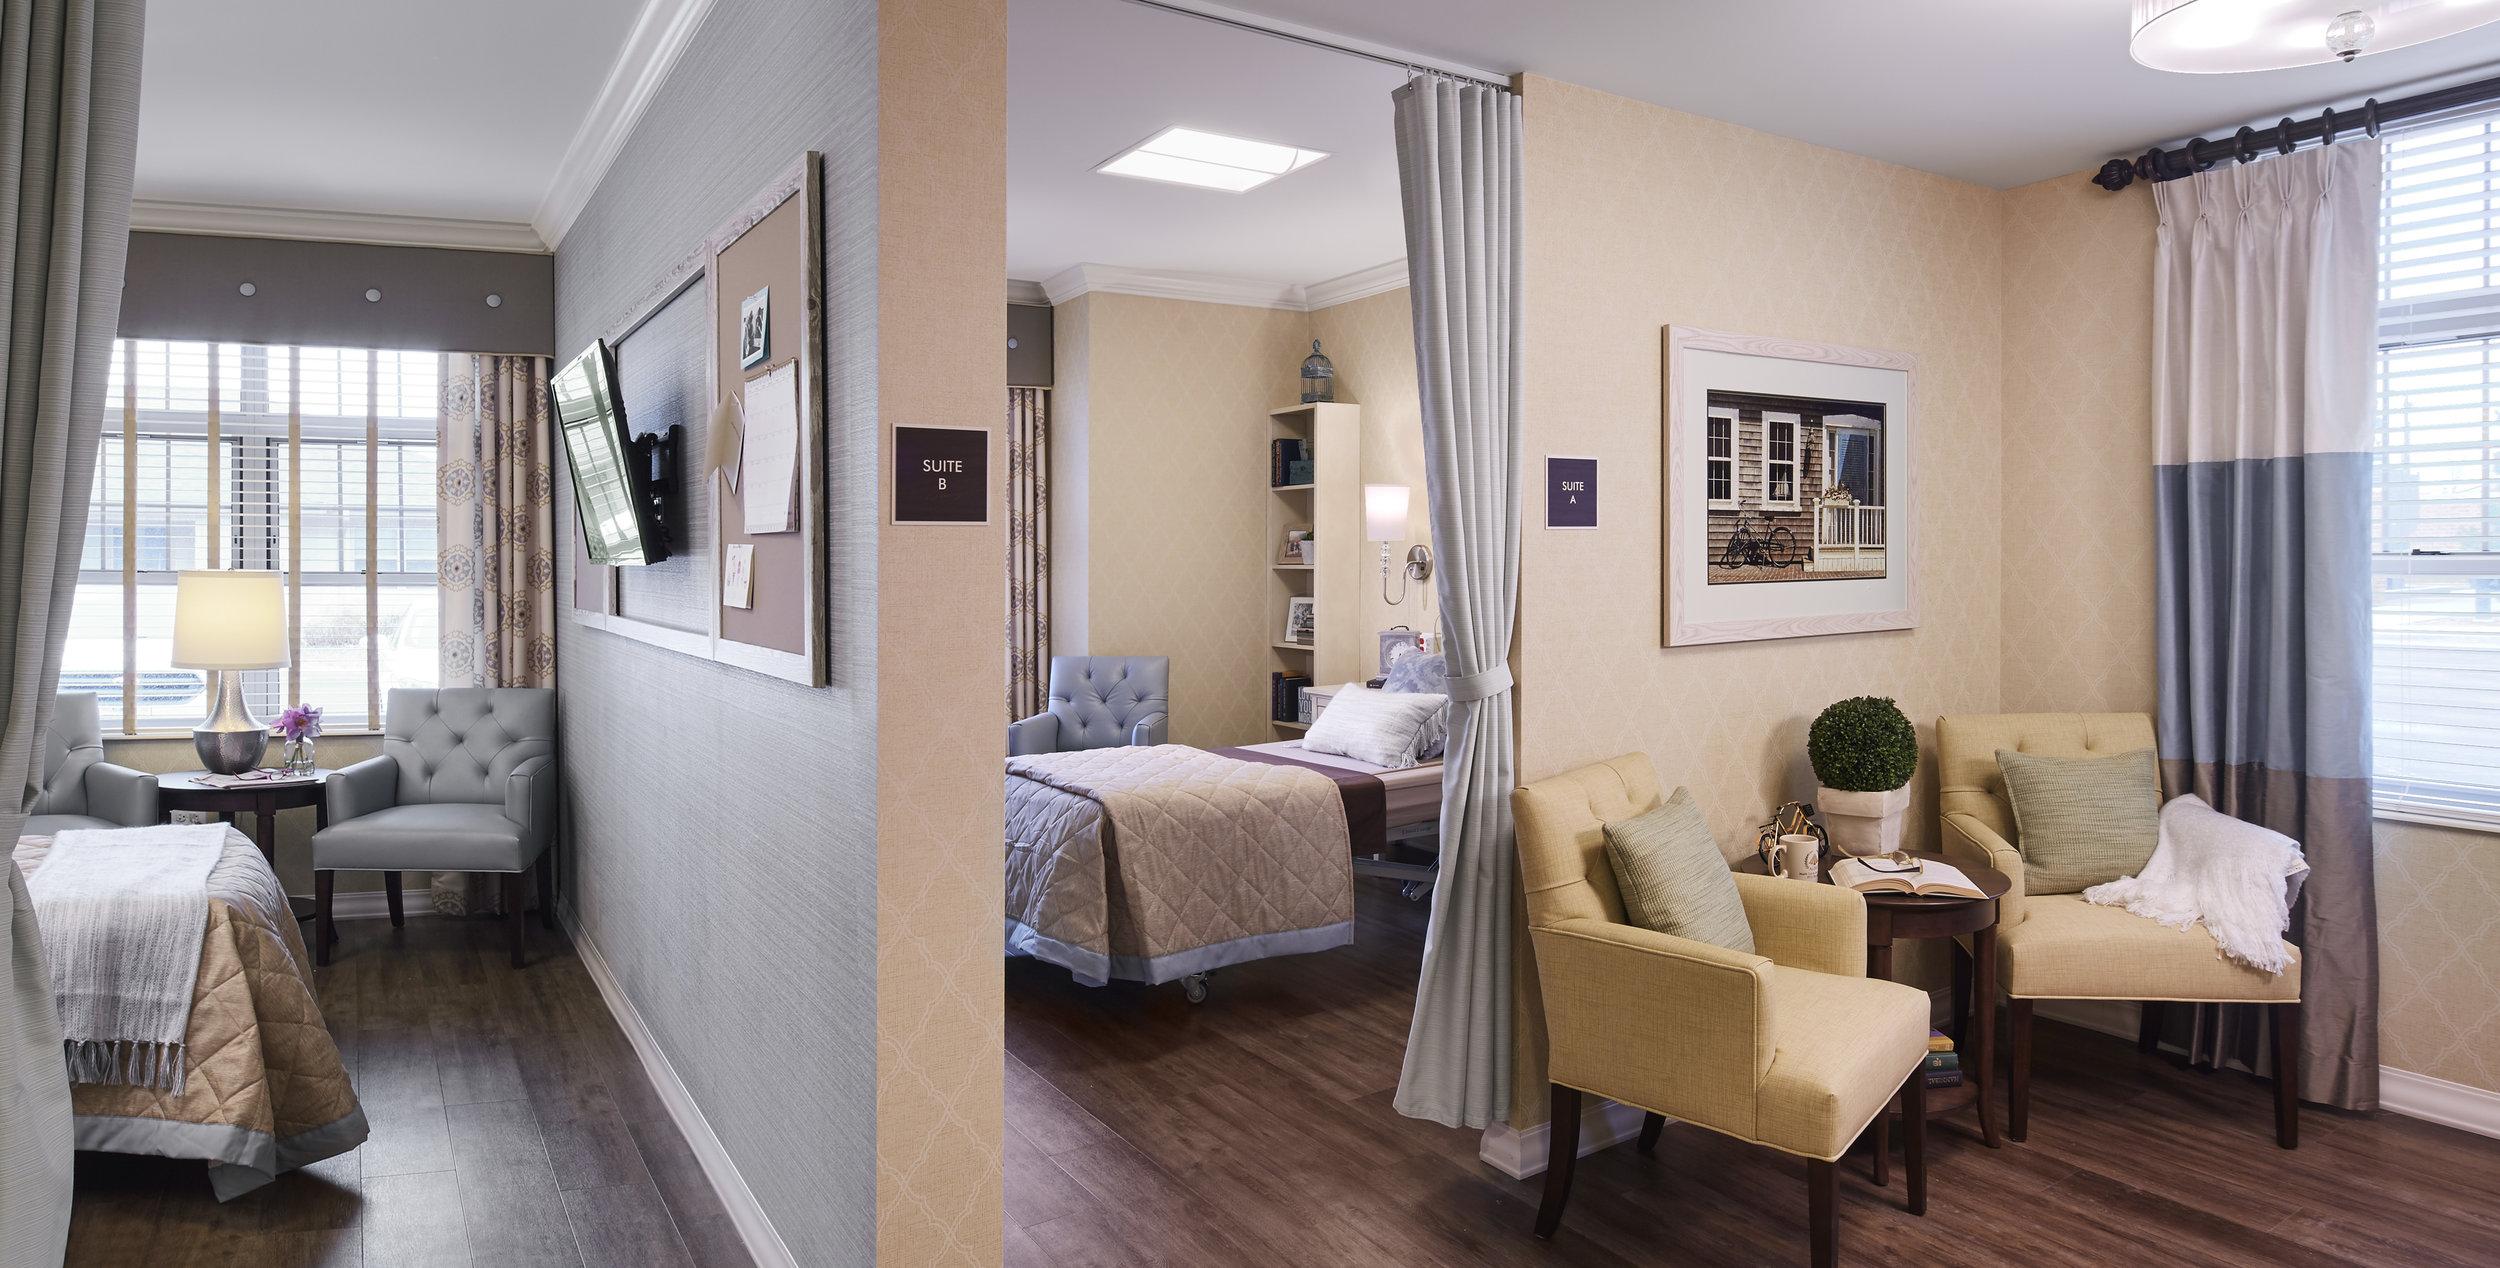 Courts of Shorewood 2 Bedroom Suite.jpg